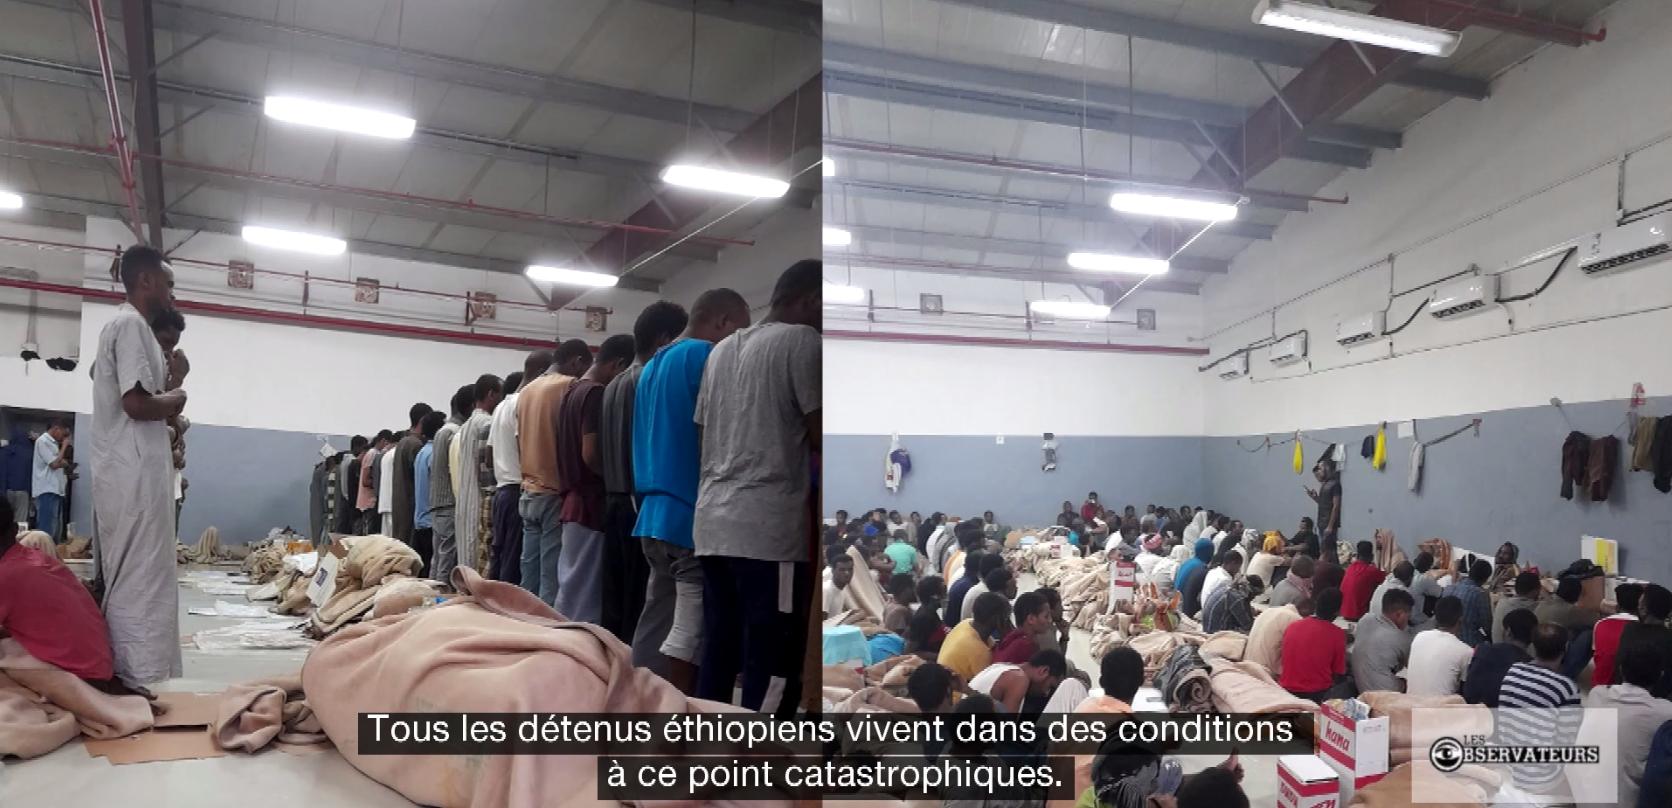 migrants ethiopie arabie saoudite